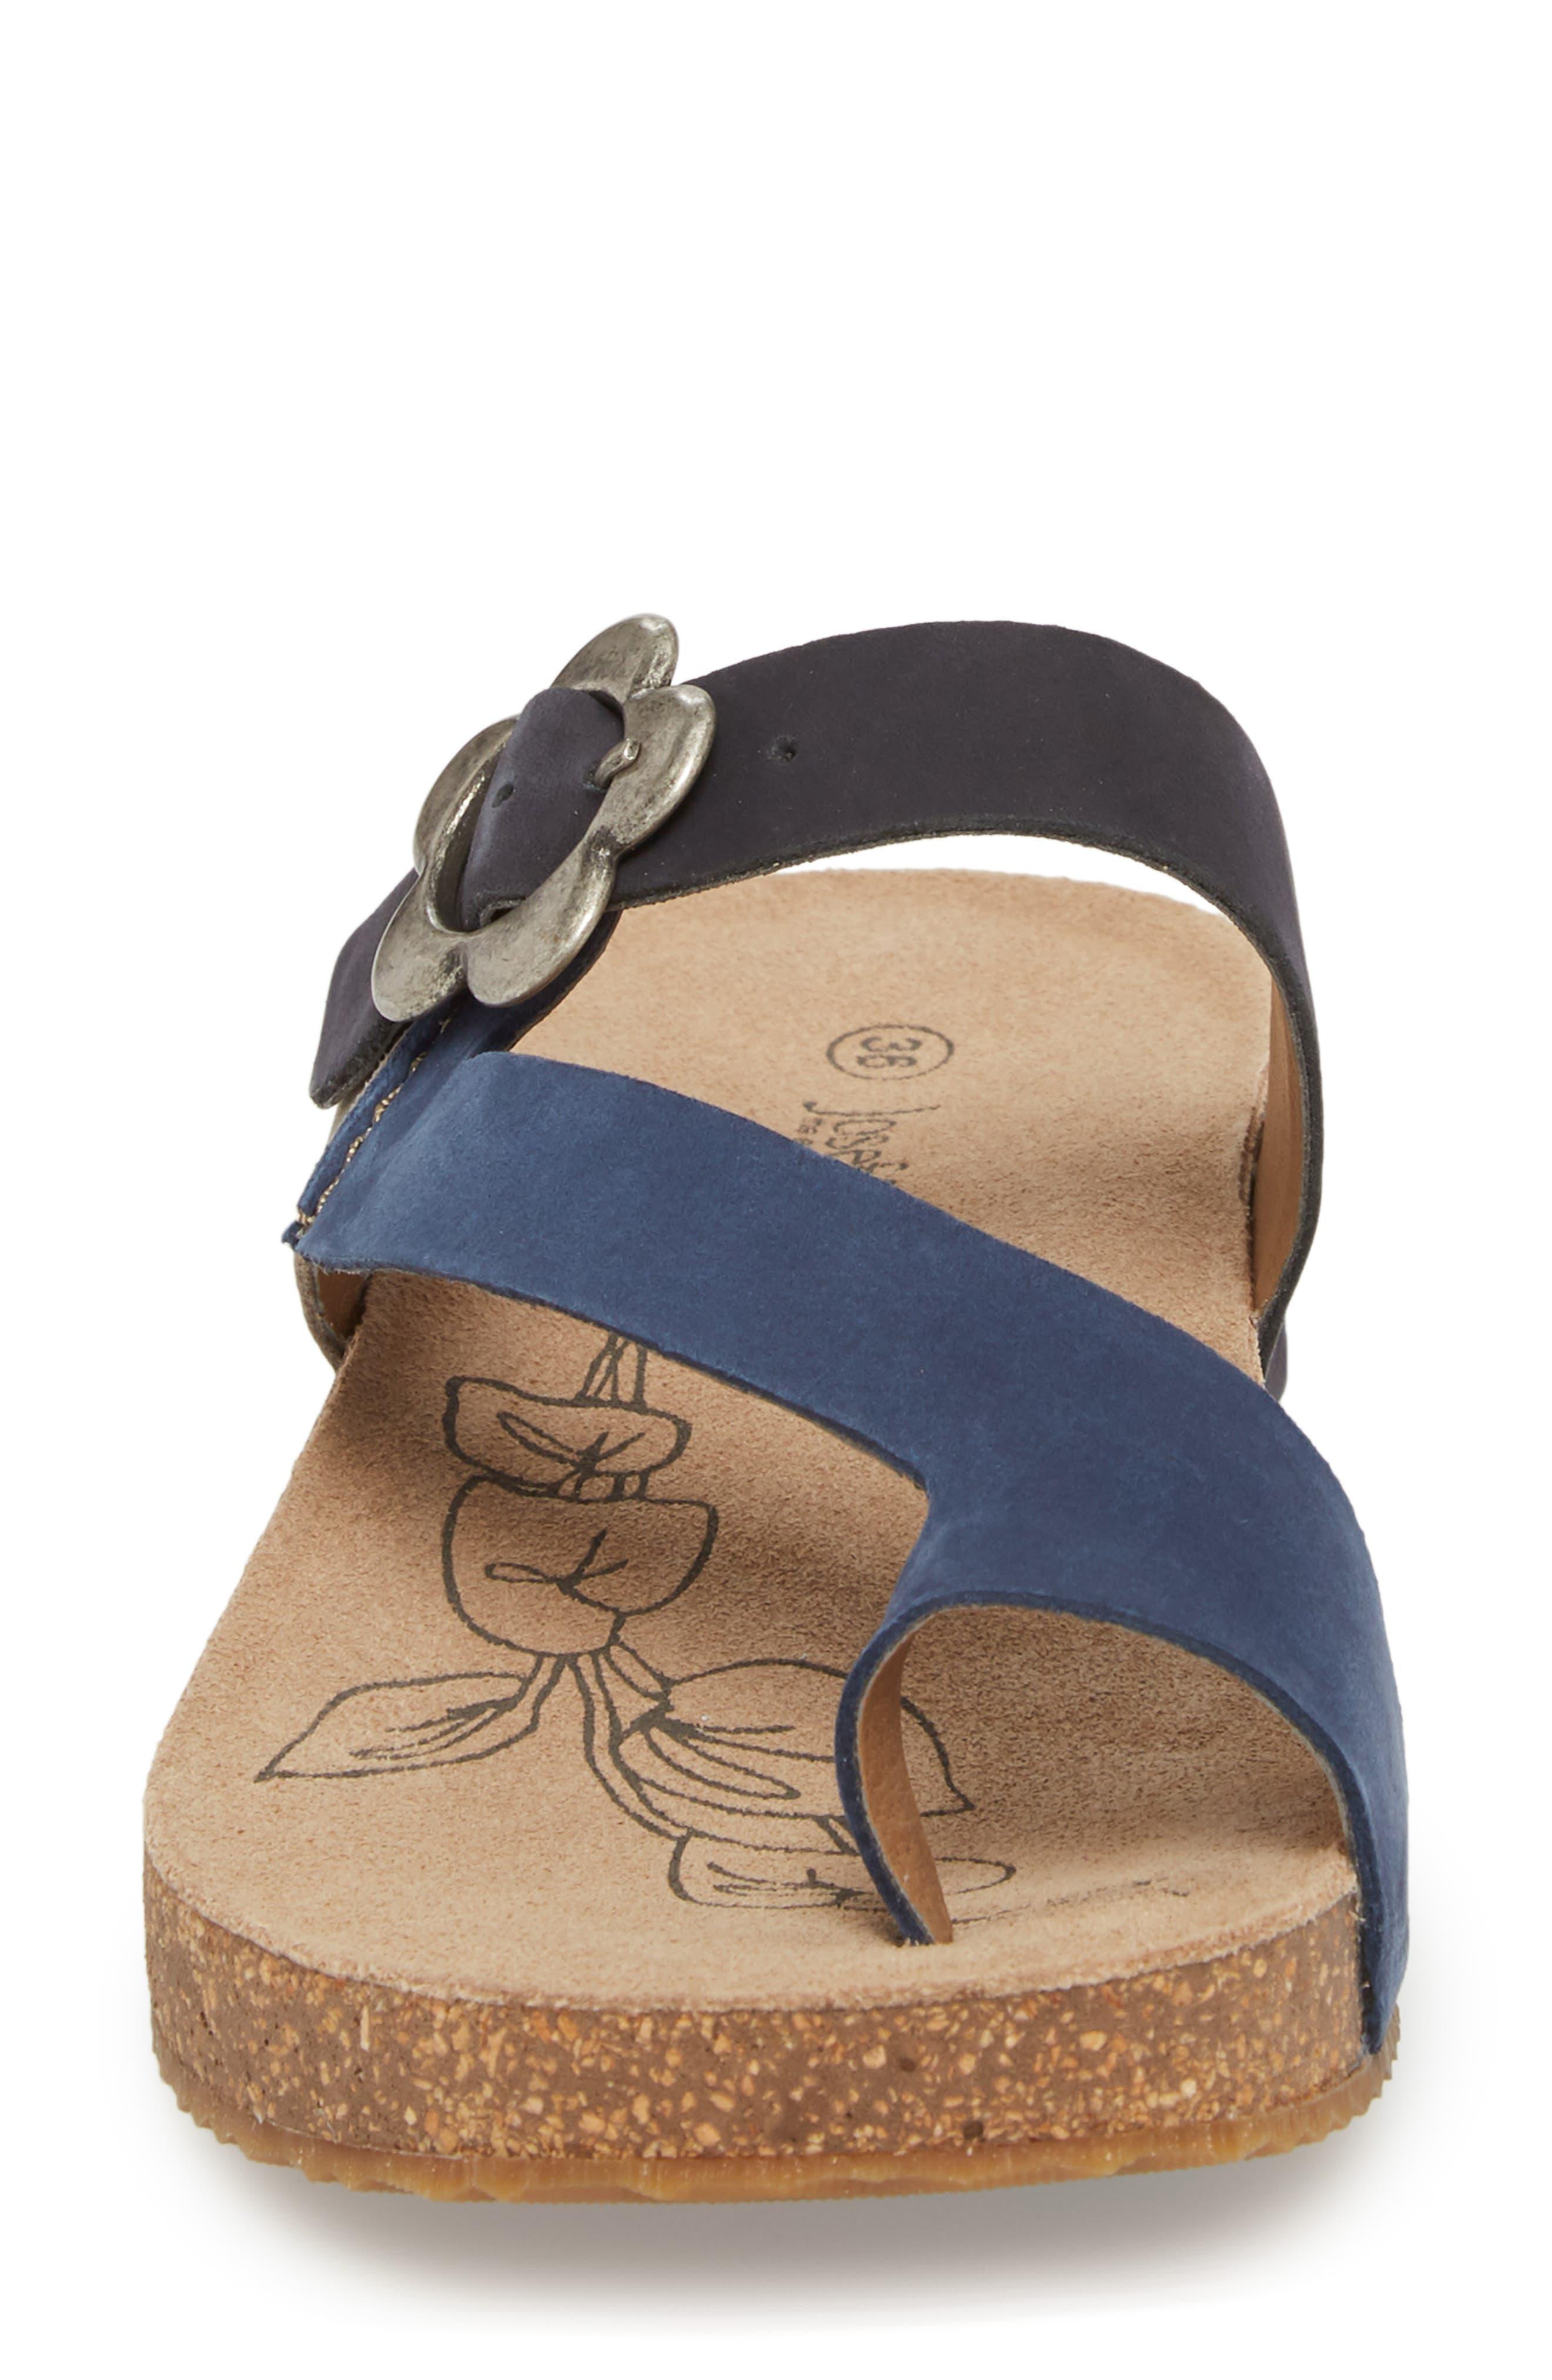 Tonga 23 Sandal,                             Alternate thumbnail 4, color,                             Blue Multi Leather